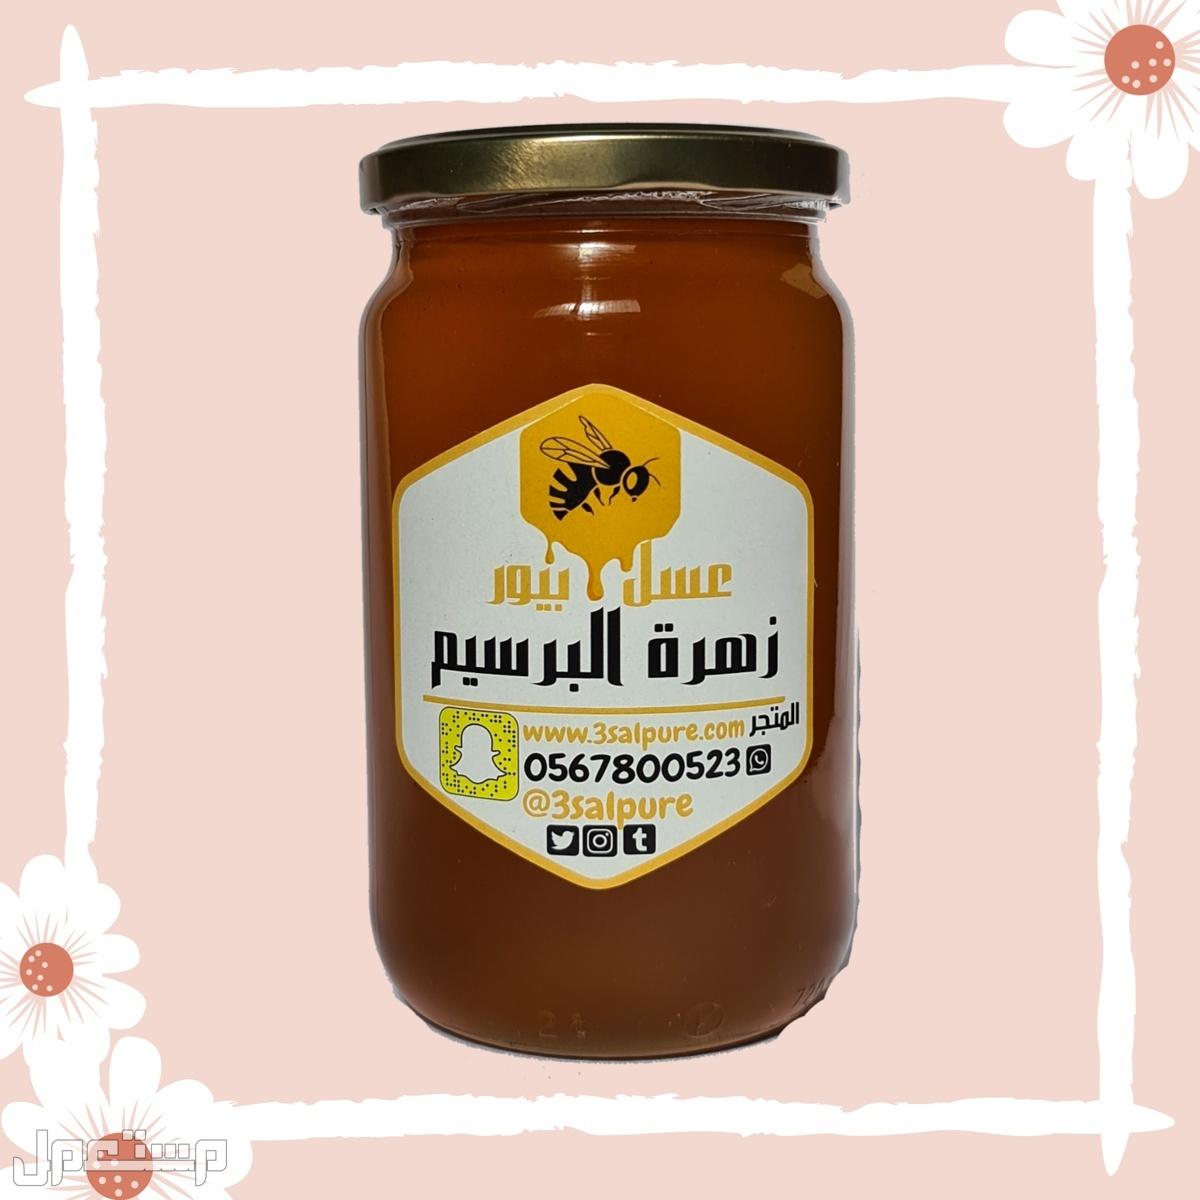 عسل البرسيم من عسل بيور ( 1كيلو 99 ريال ) مفيد للأطفال والكبار ومرضى الربو